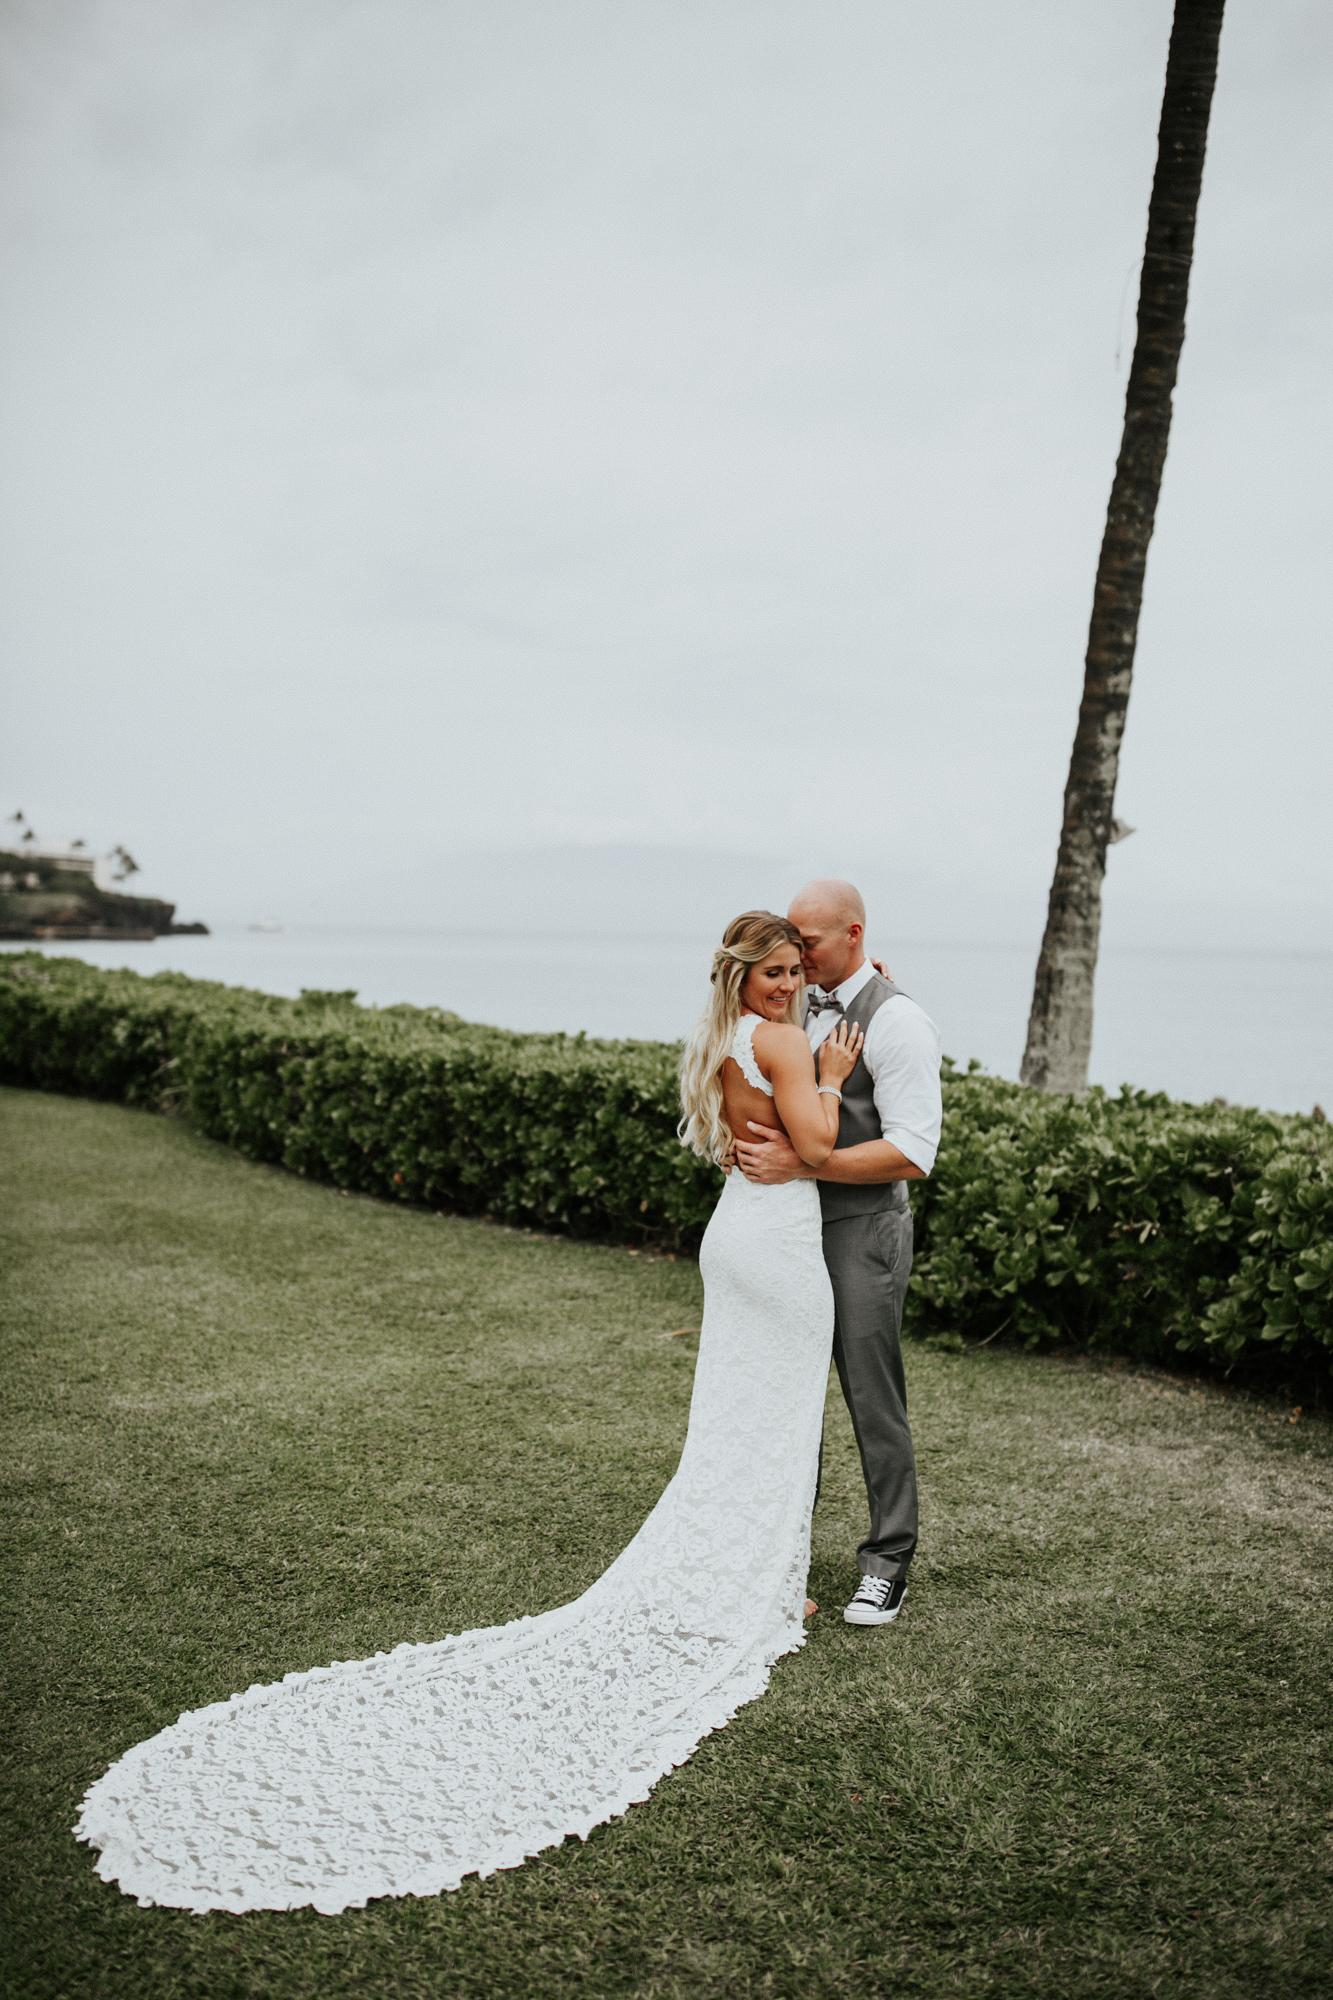 destination-wedding-photographer-hawaii-maui-elopement-40.jpg